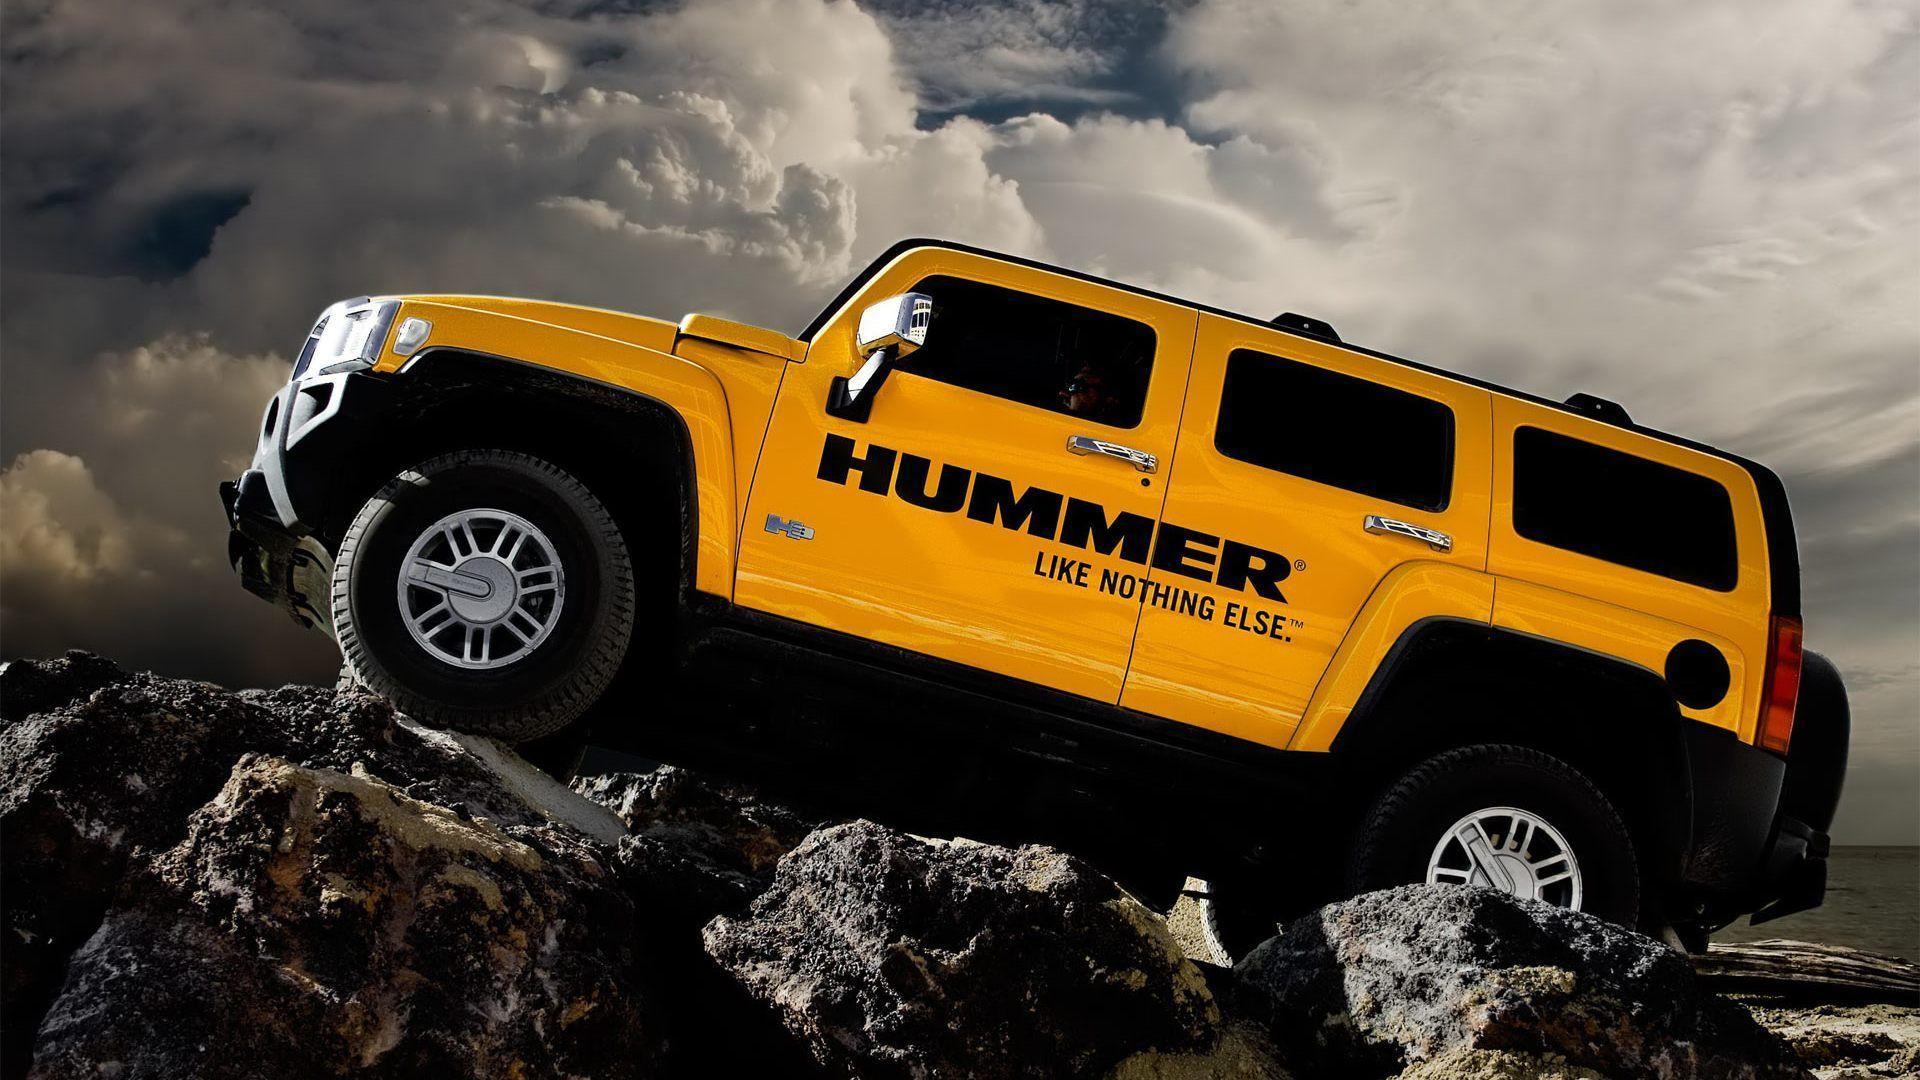 hummer car wallpapers 2015 - wallpaper cave